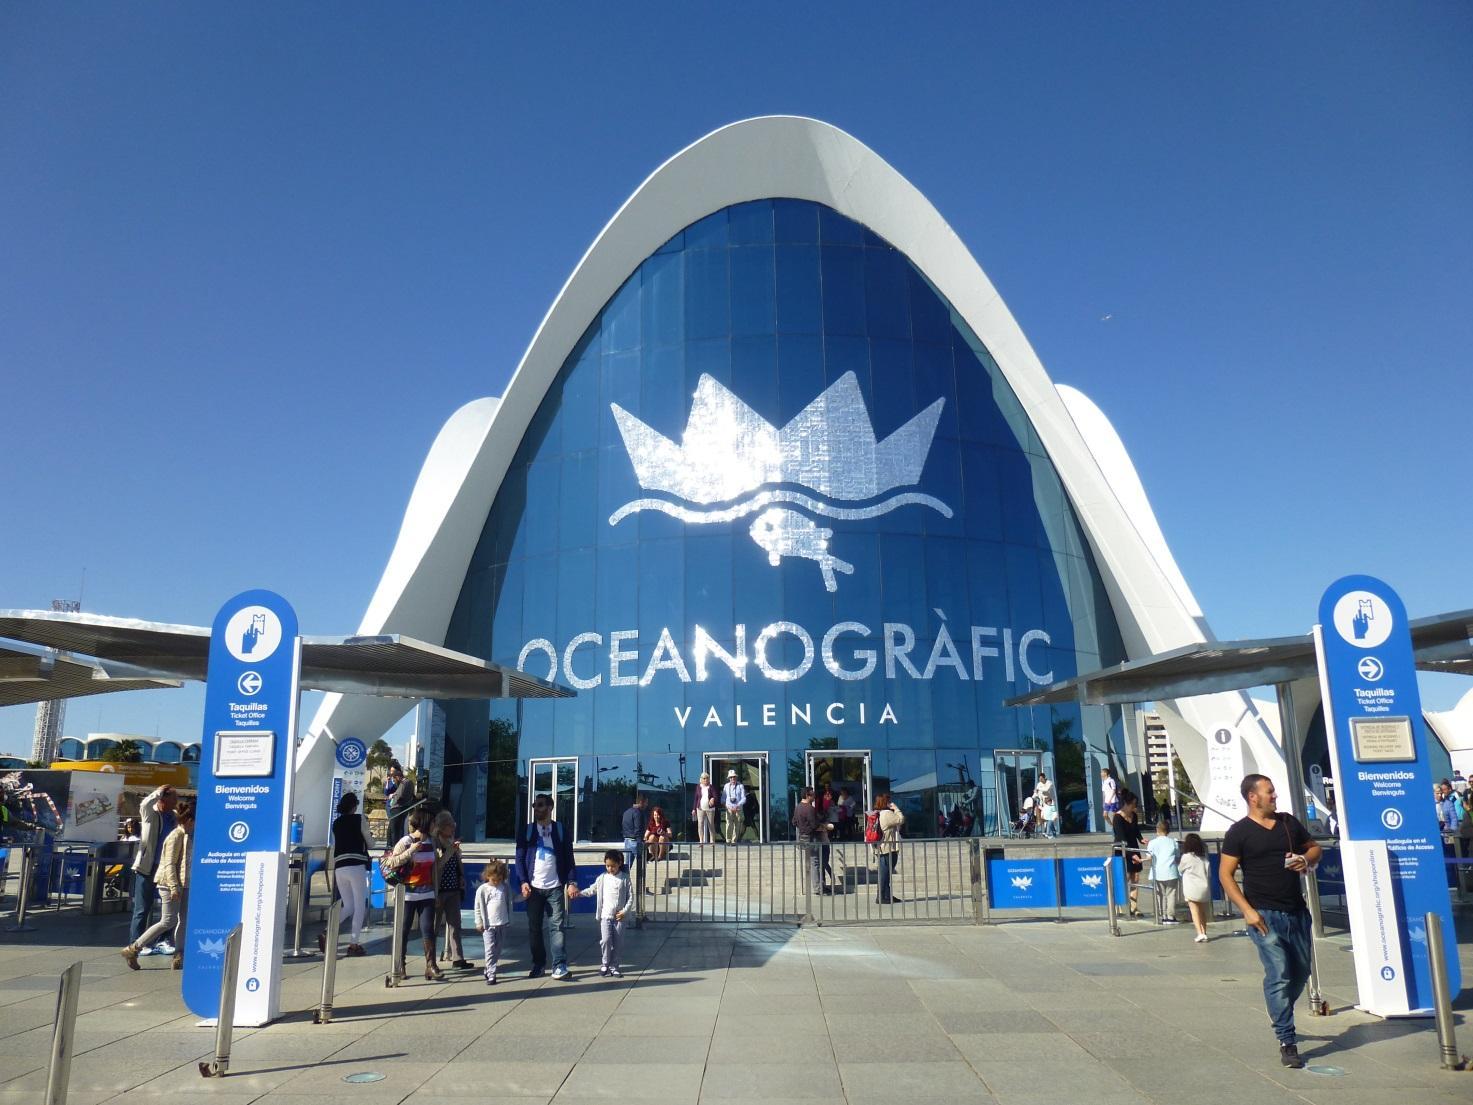 C:\Users\Gonzalo\Desktop\Documentos\Fotografías\Oceanográfic\P1020259.JPG